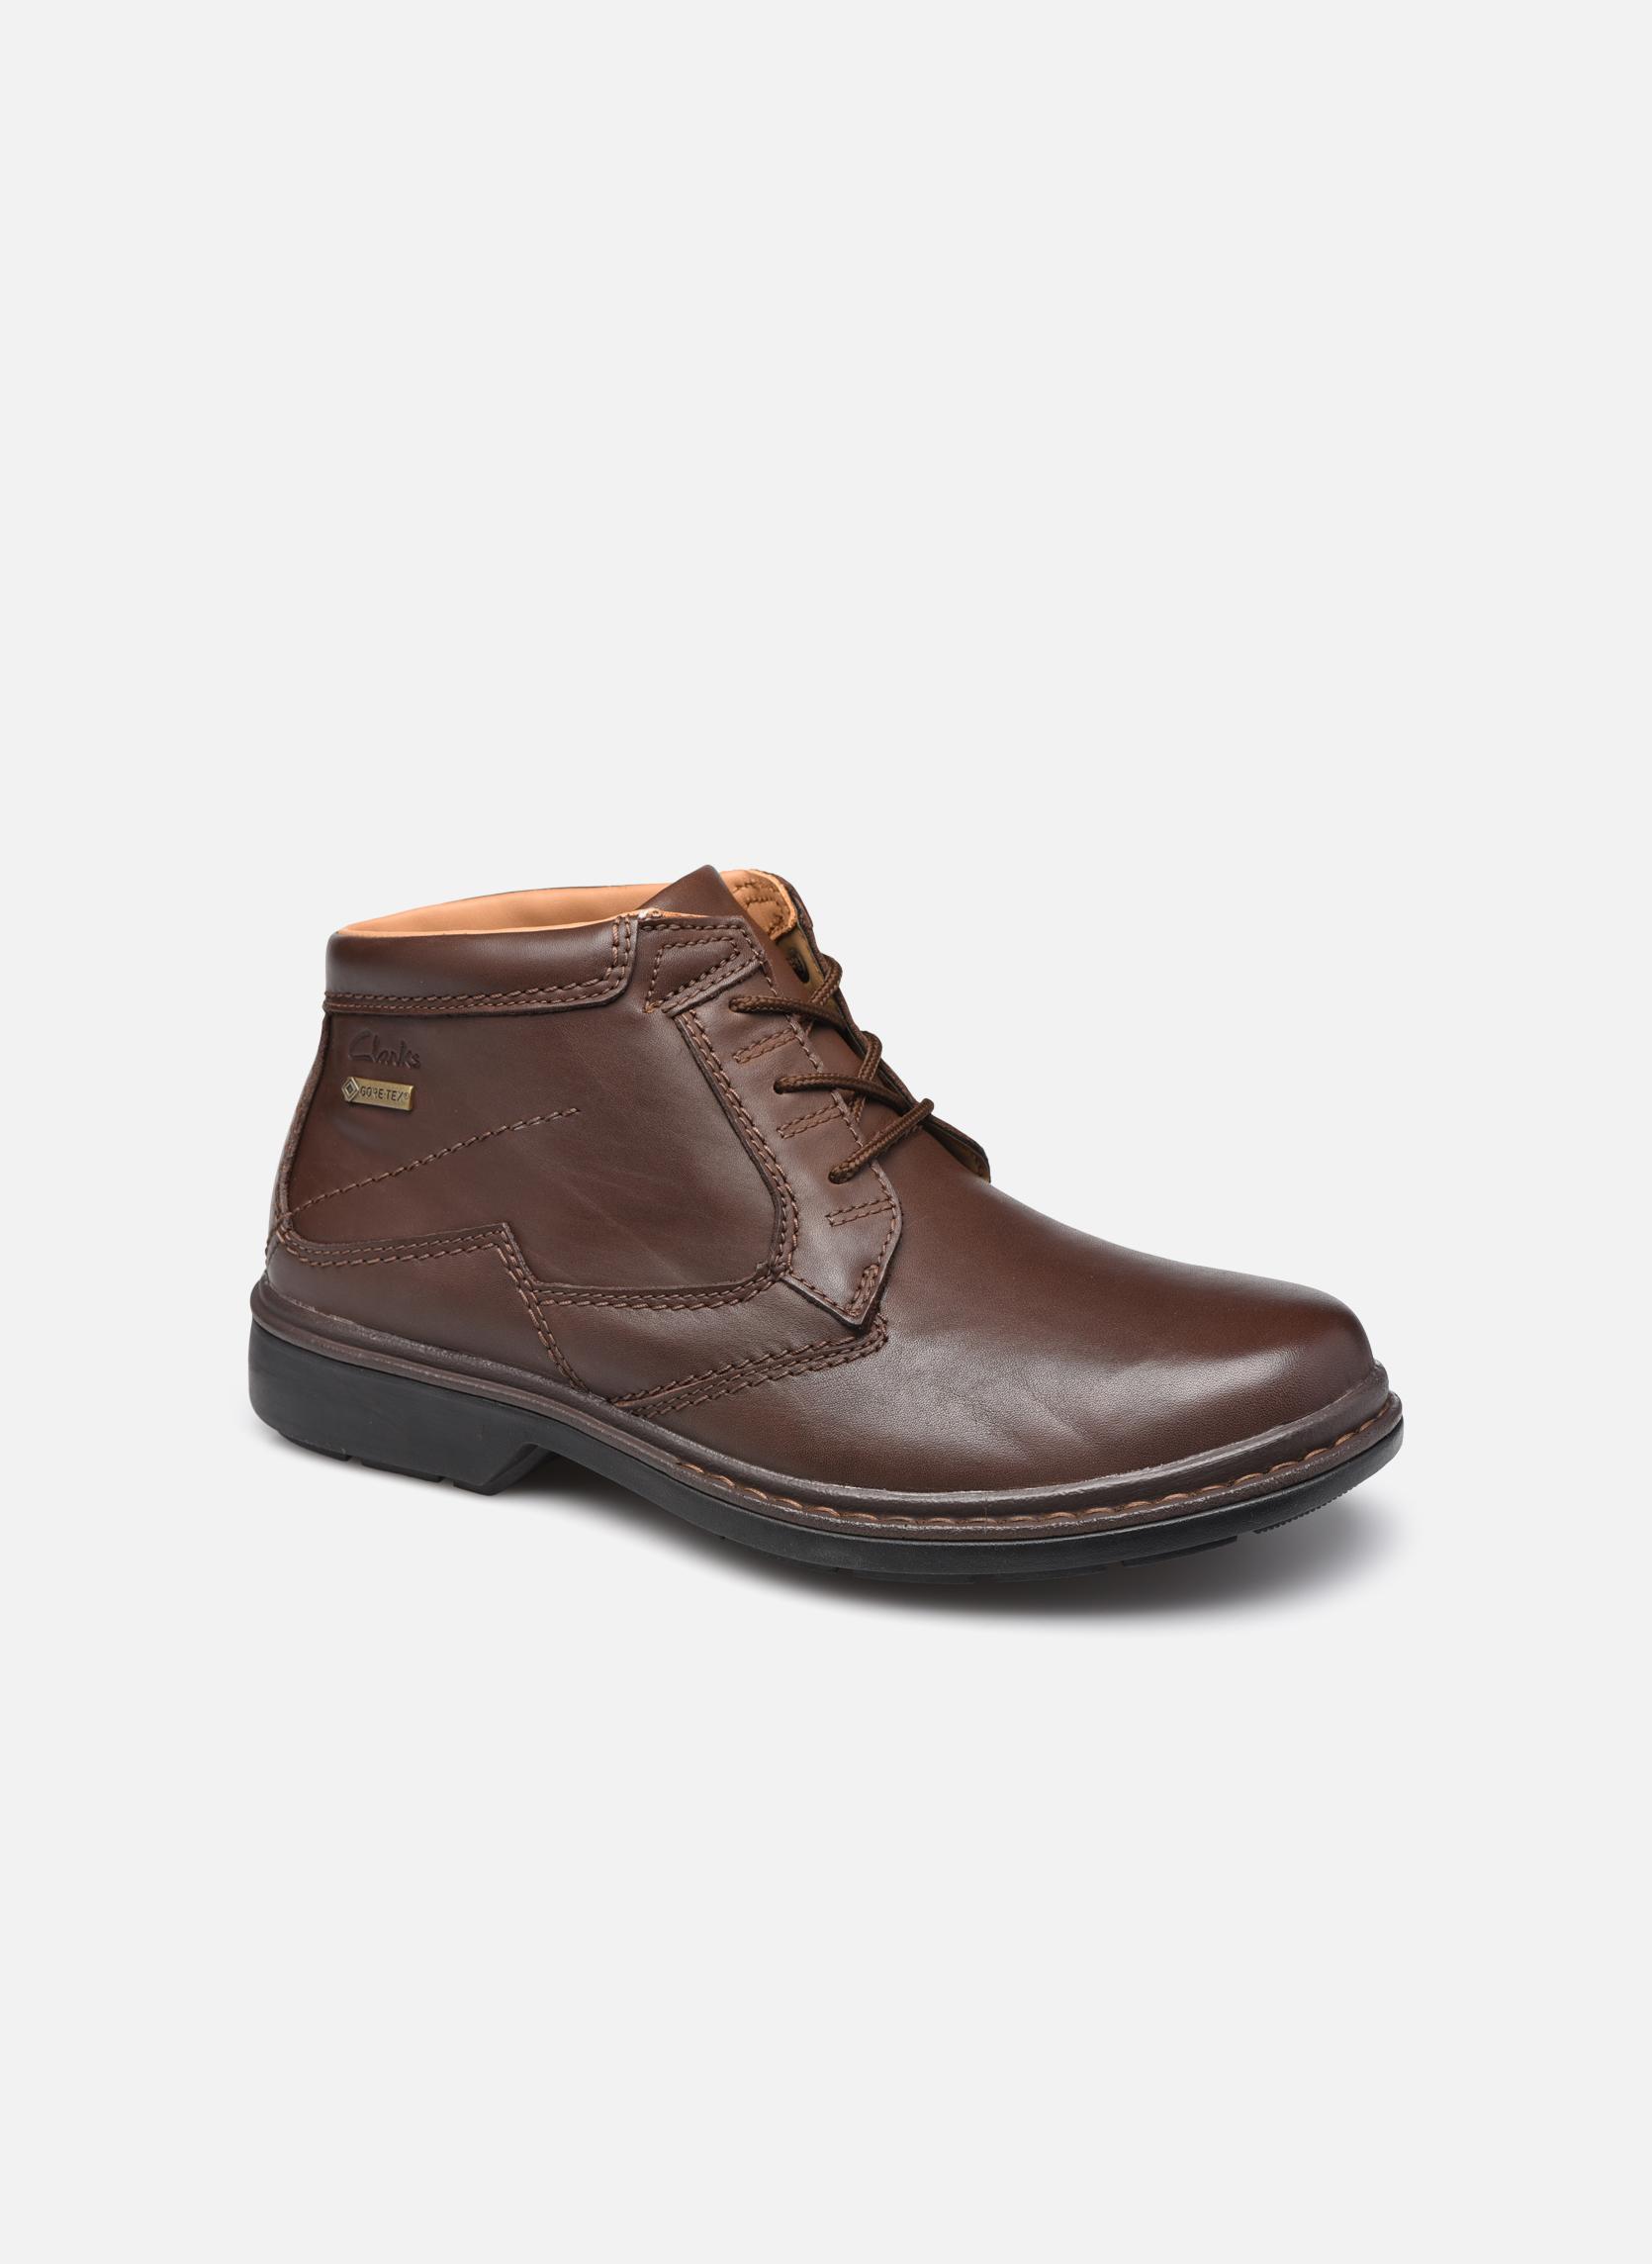 Histoire - Chaussures À Lacets Pour Les Hommes / Brun Marvin & Co 205NlN